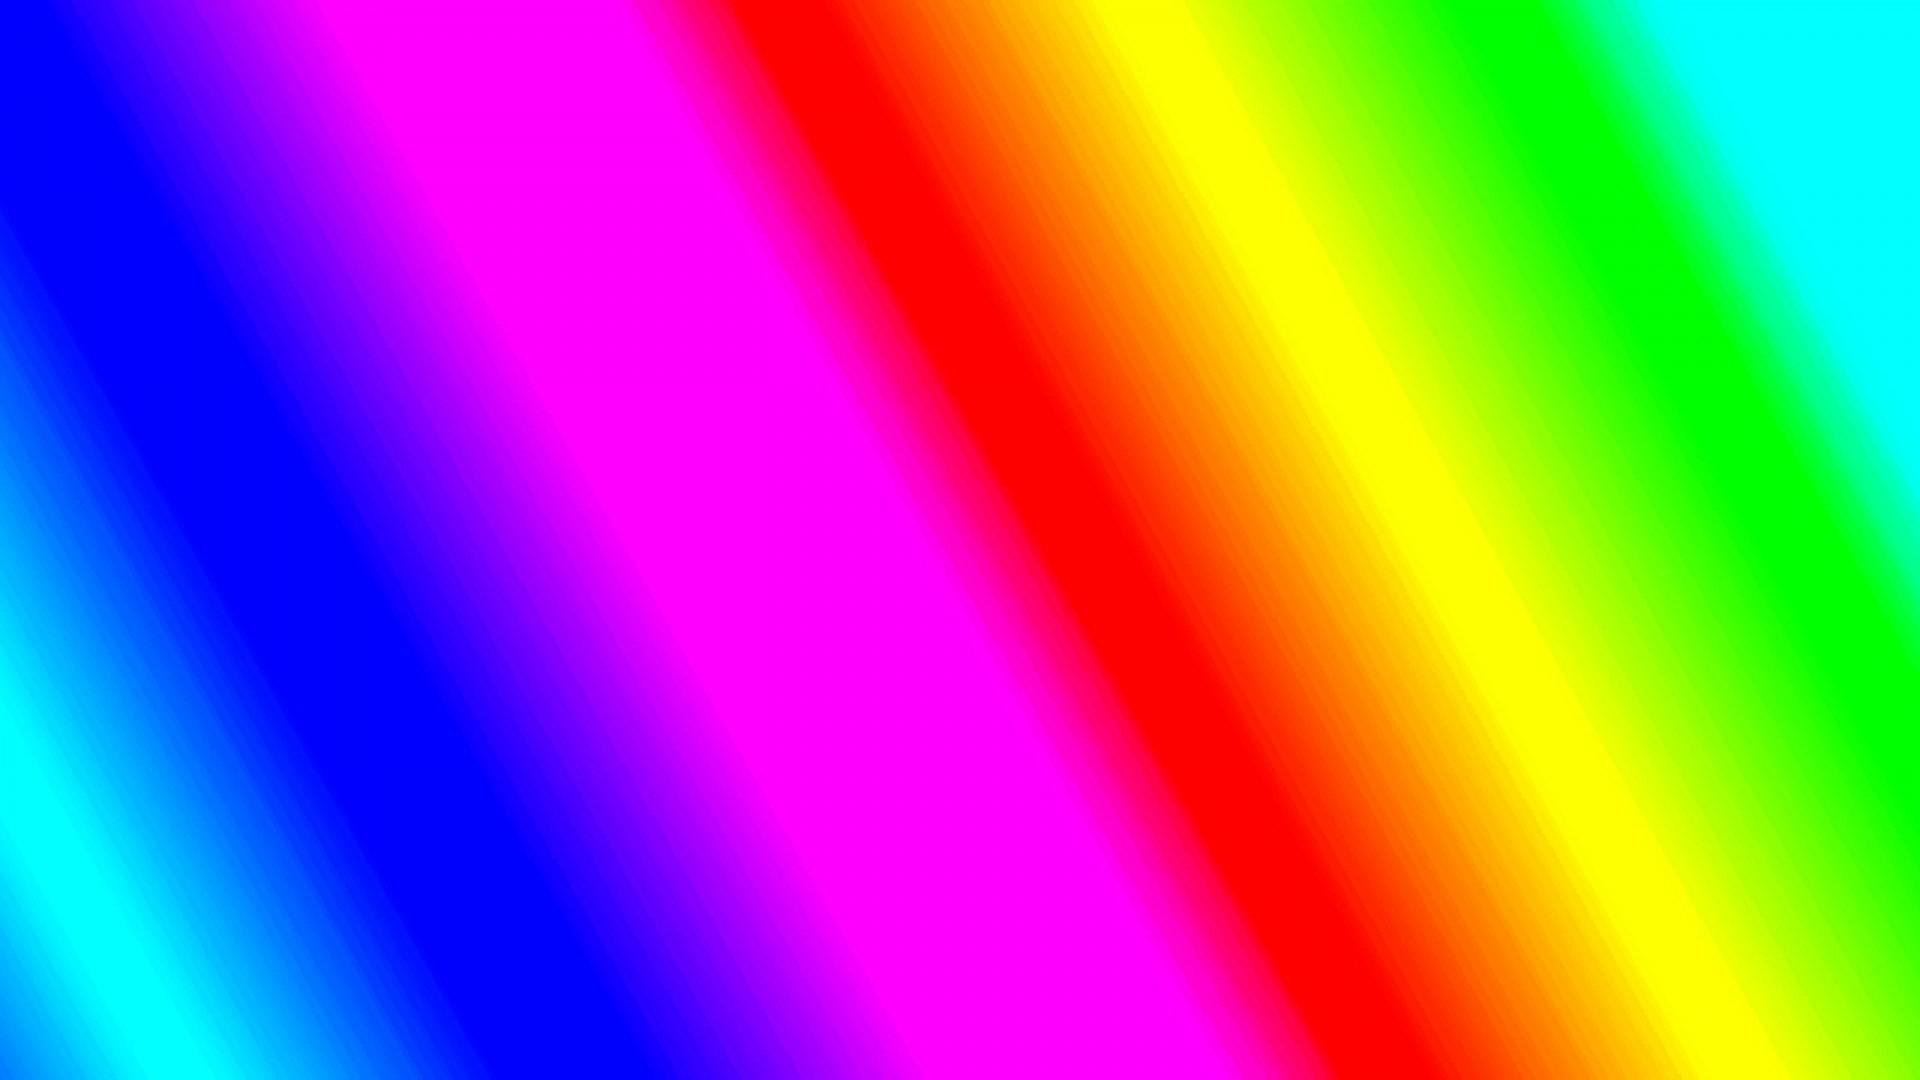 rainbow desktop wallpaper 183��